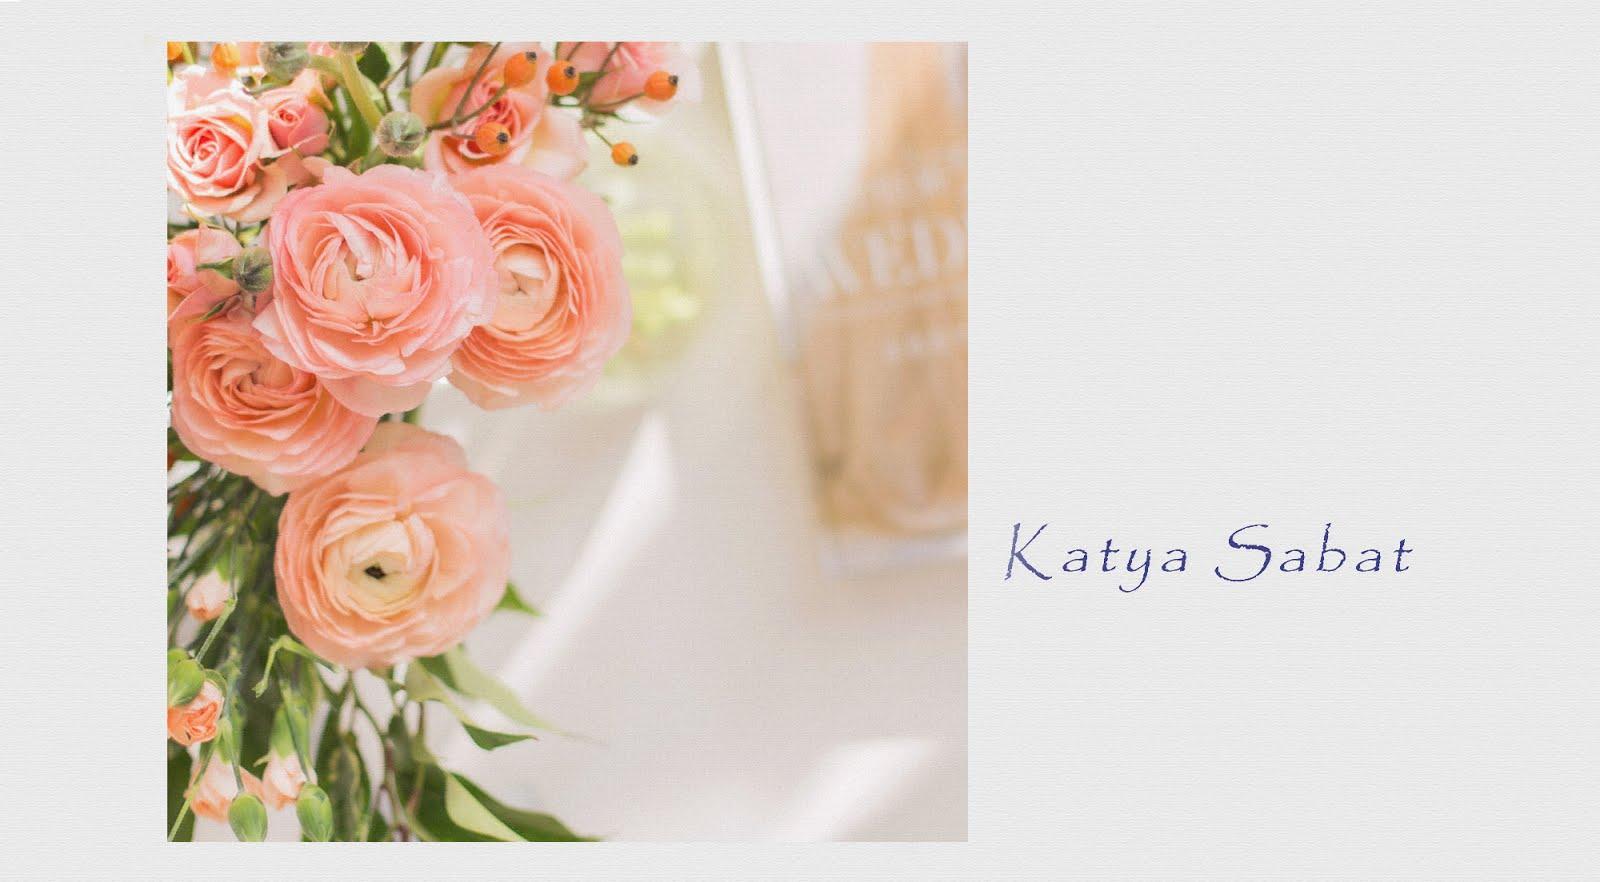 Katya Sabat